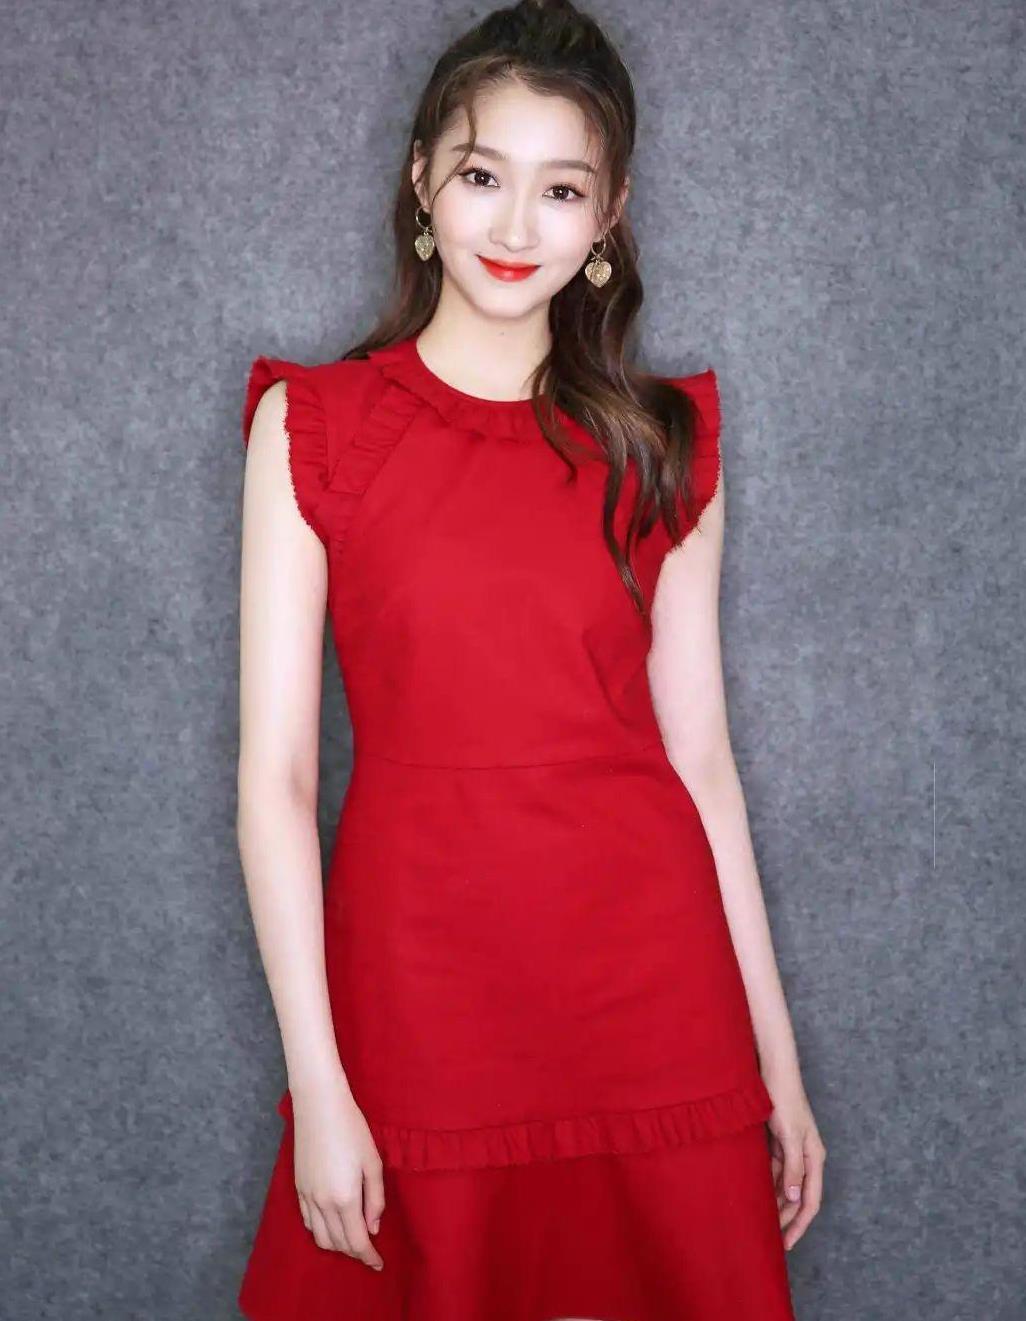 关晓彤终于完胜一次,穿红蓝条纹裙撞衫辛芷蕾,腿长优势太明显